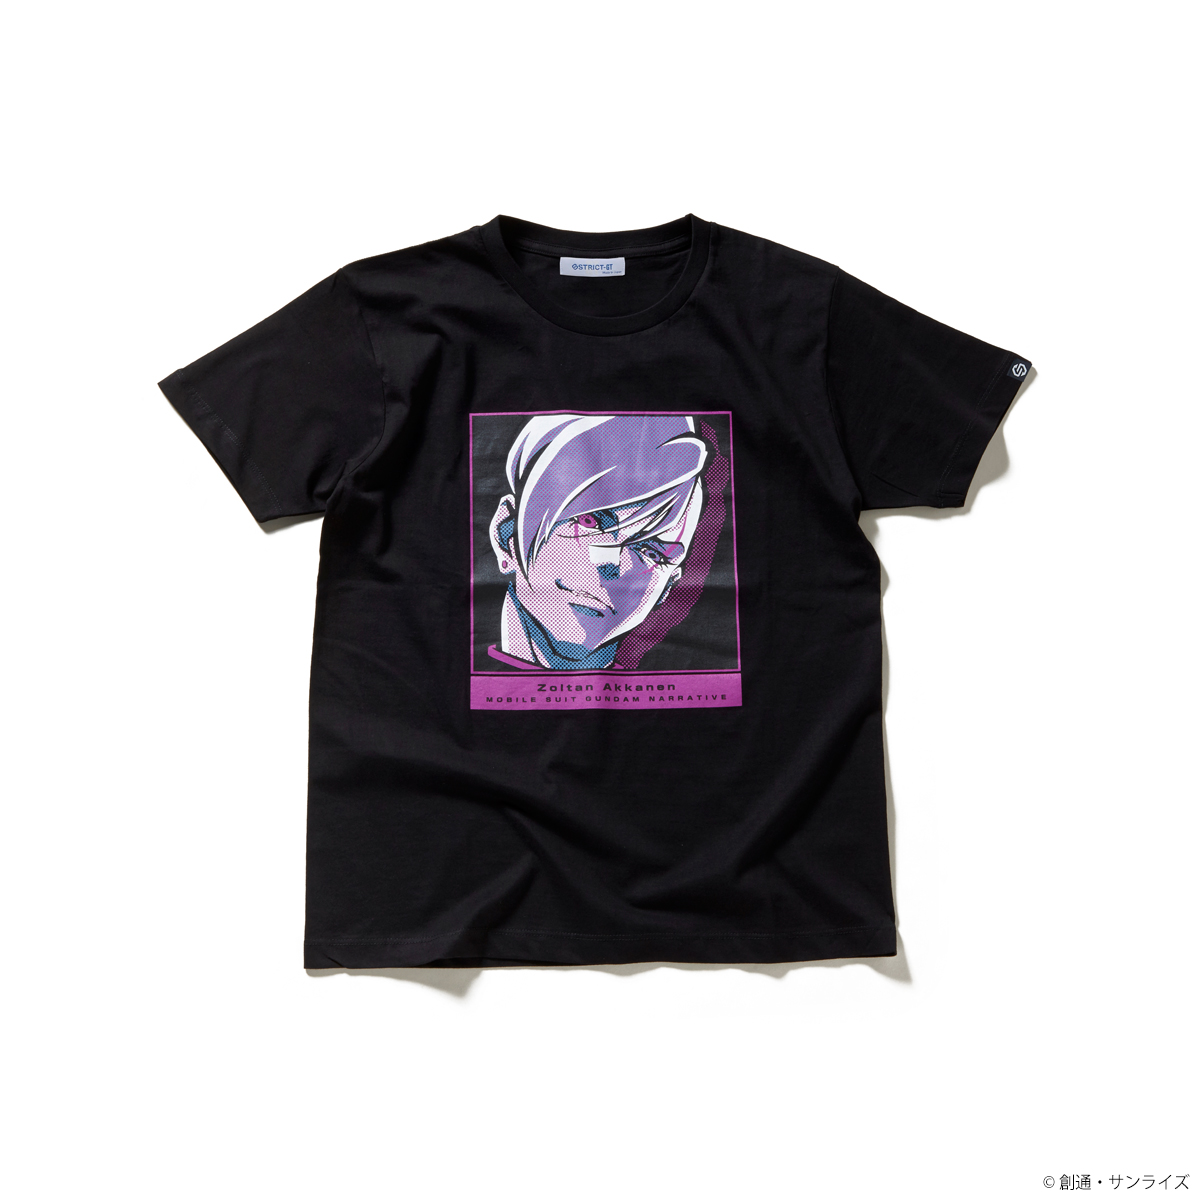 『機動戦士ガンダムNT』POP ART Tシャツ ゾルタン・アッカネン